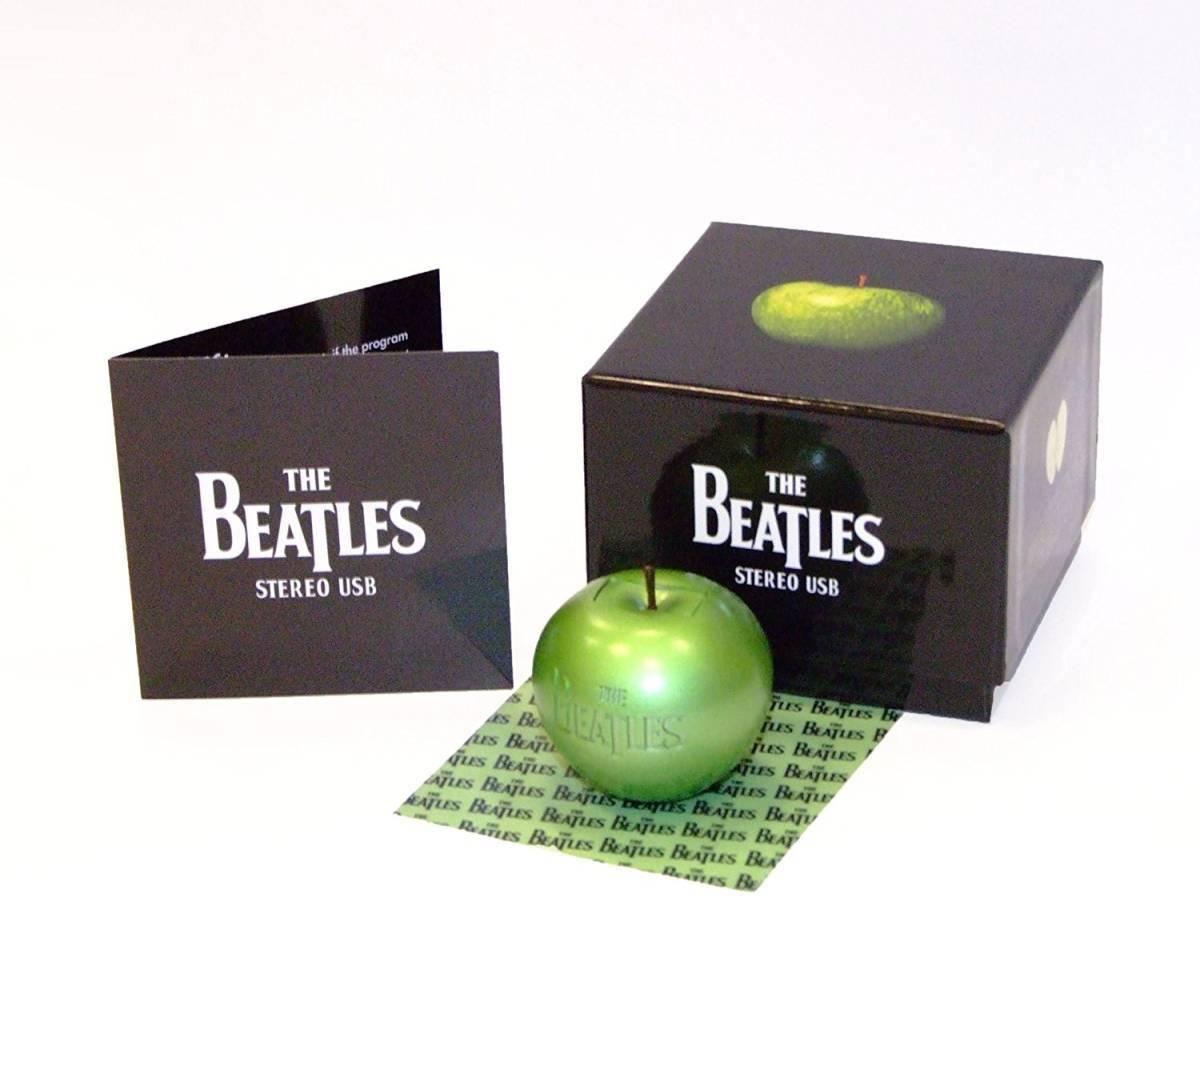 新品未開封【ザ・ビートルズ】 The Beatles [USB] Limited Edition_画像1